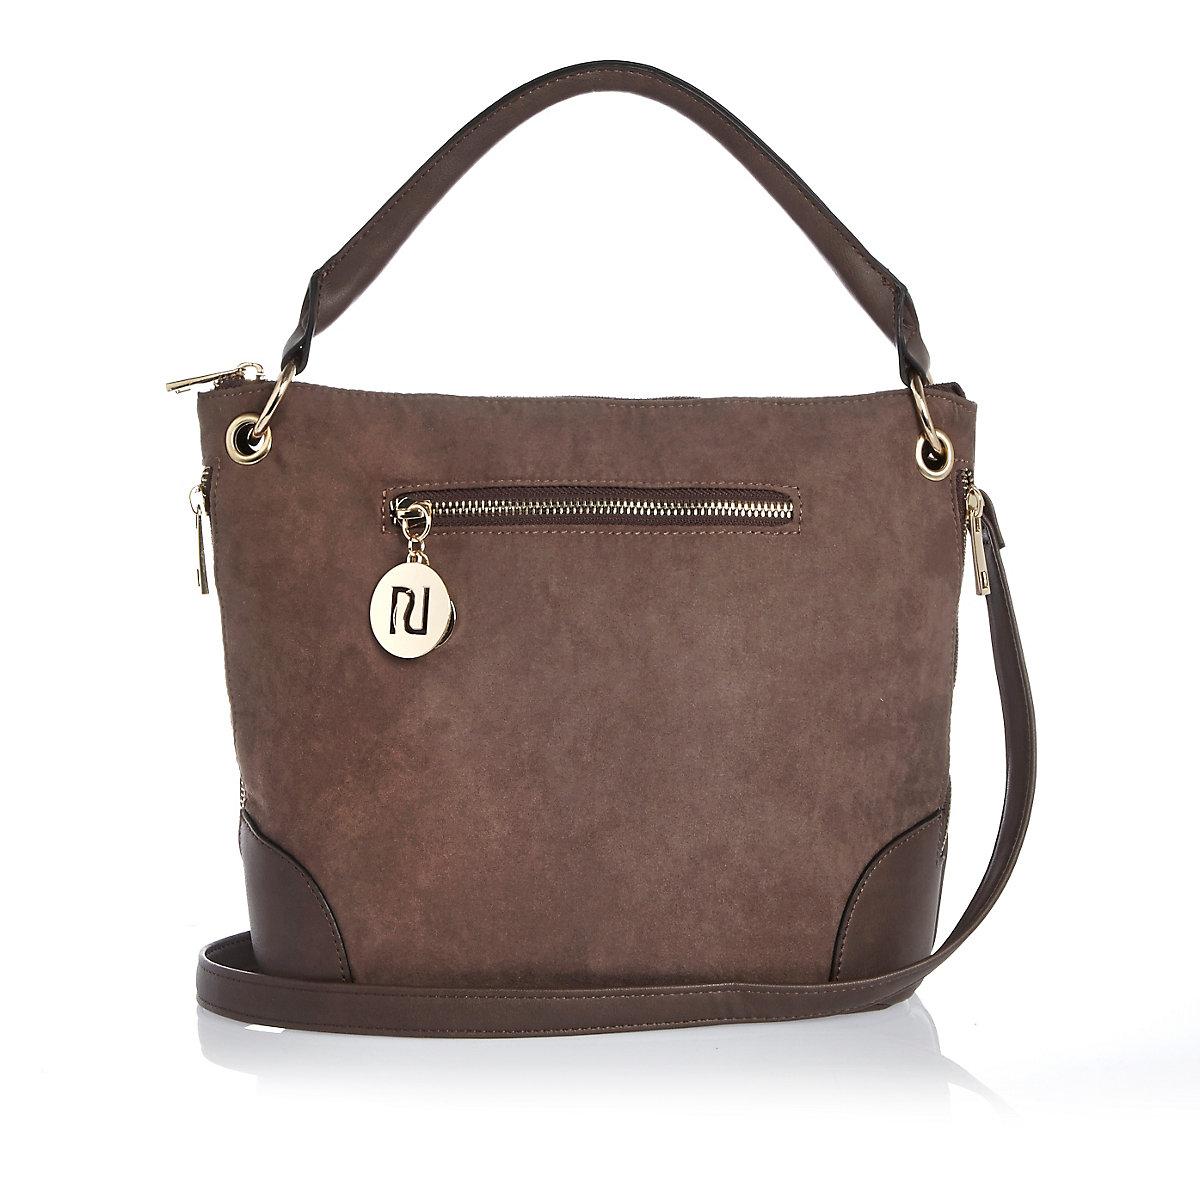 bad292e9e6 Light brown bucket handbag - Shoulder Bags - Bags   Purses - women